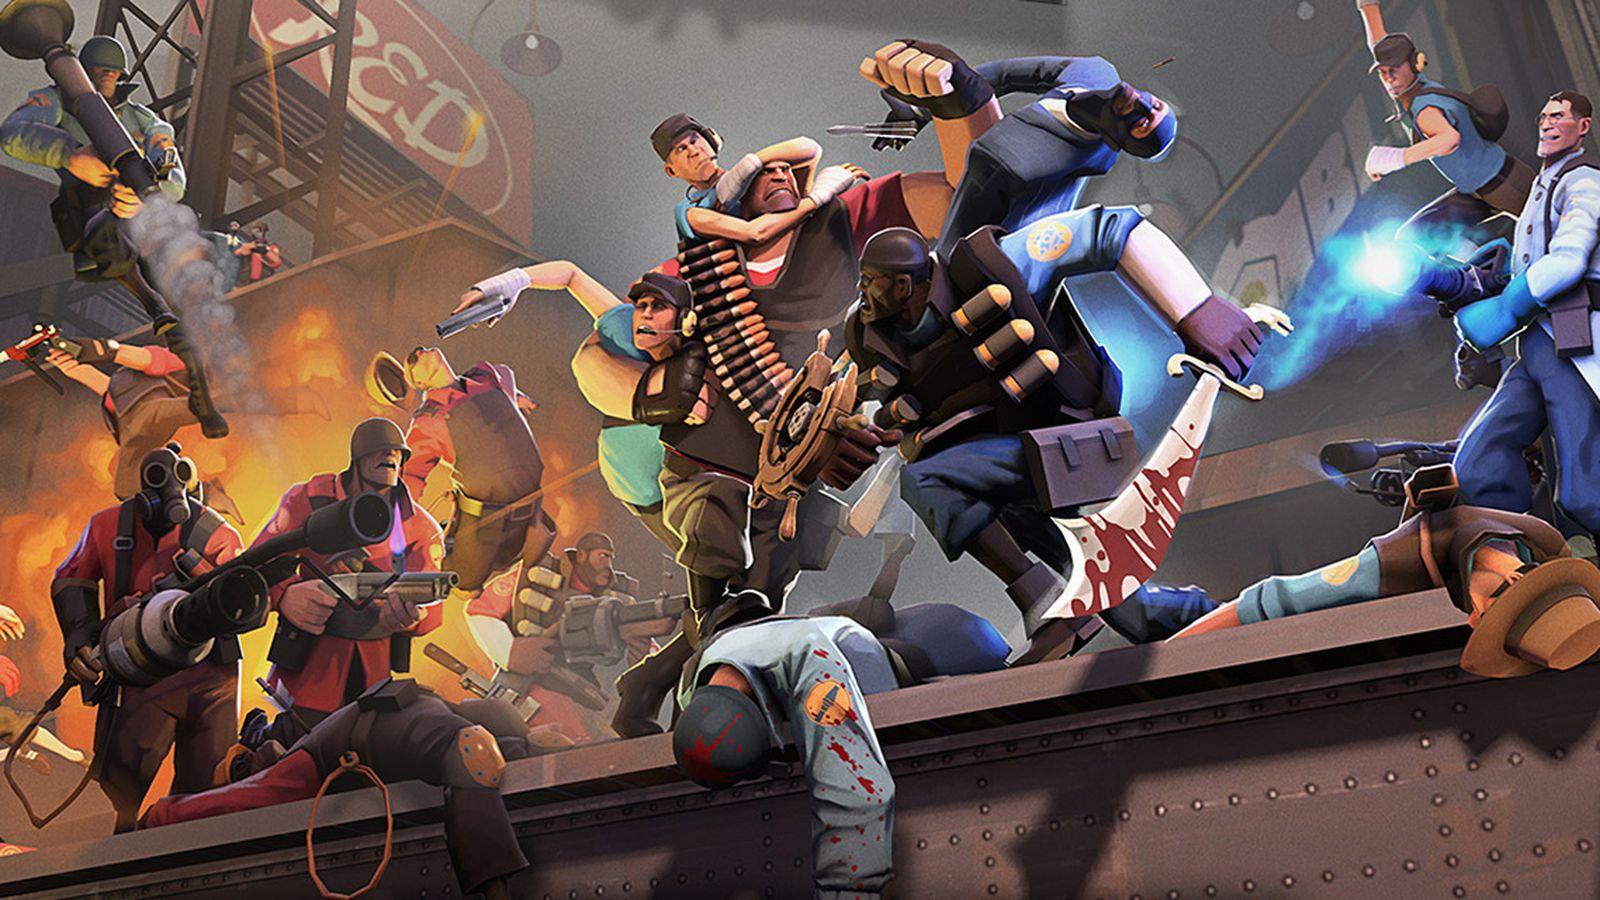 team-fortress-2-meet-your-match-update-art_1138-0